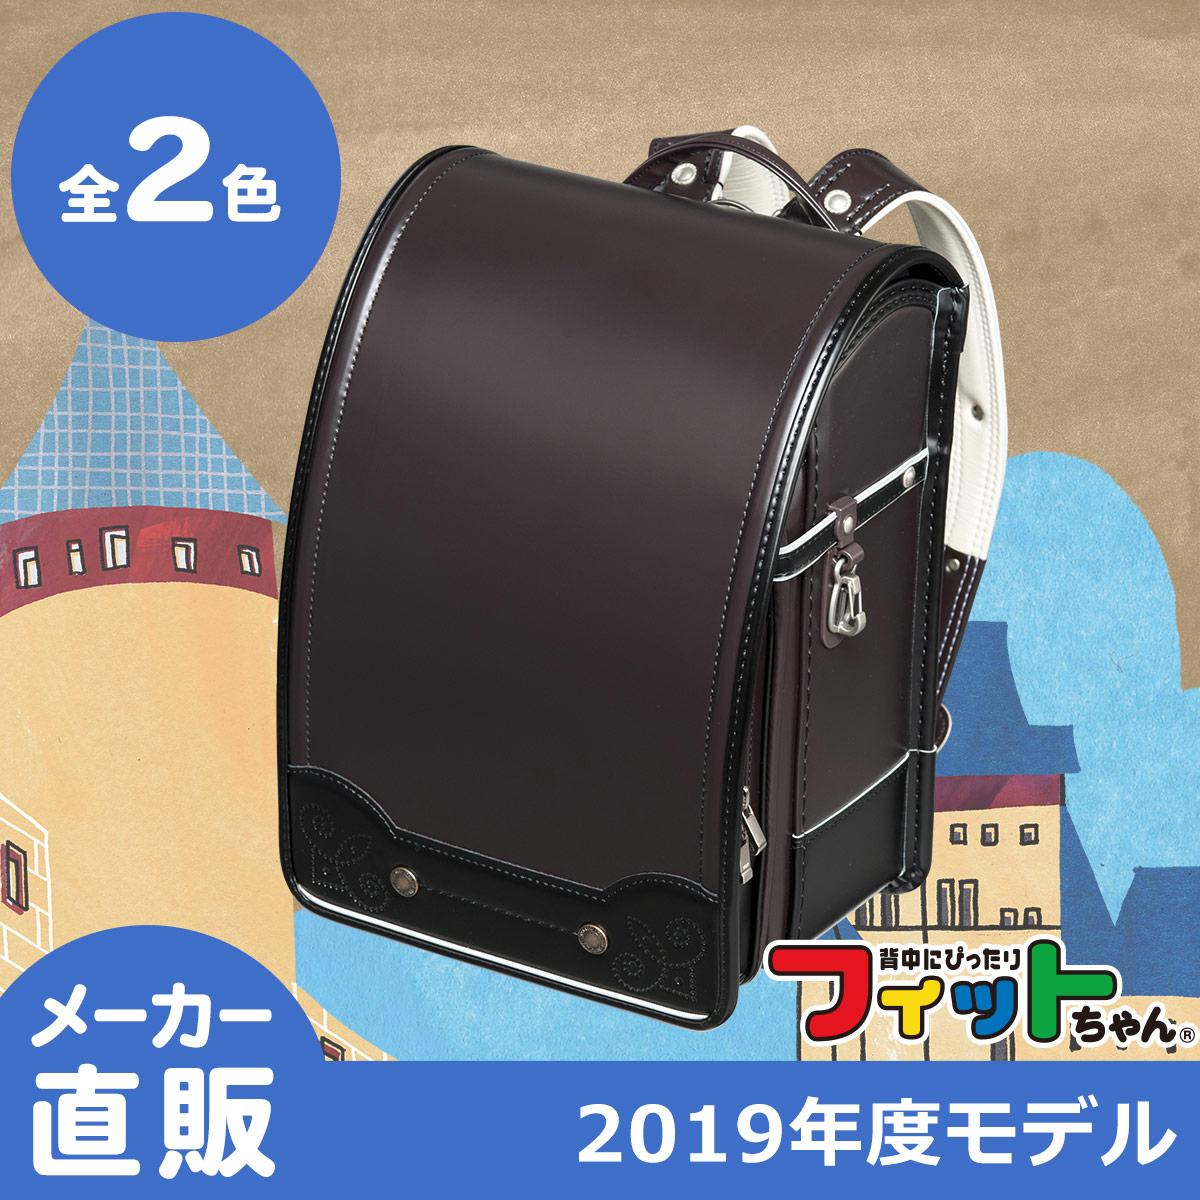 ランドセル フィットちゃん モダンクラシカル(FIT-209)2019年モデル フィットちゃんランドセルA4クリアファイル収納サイズ